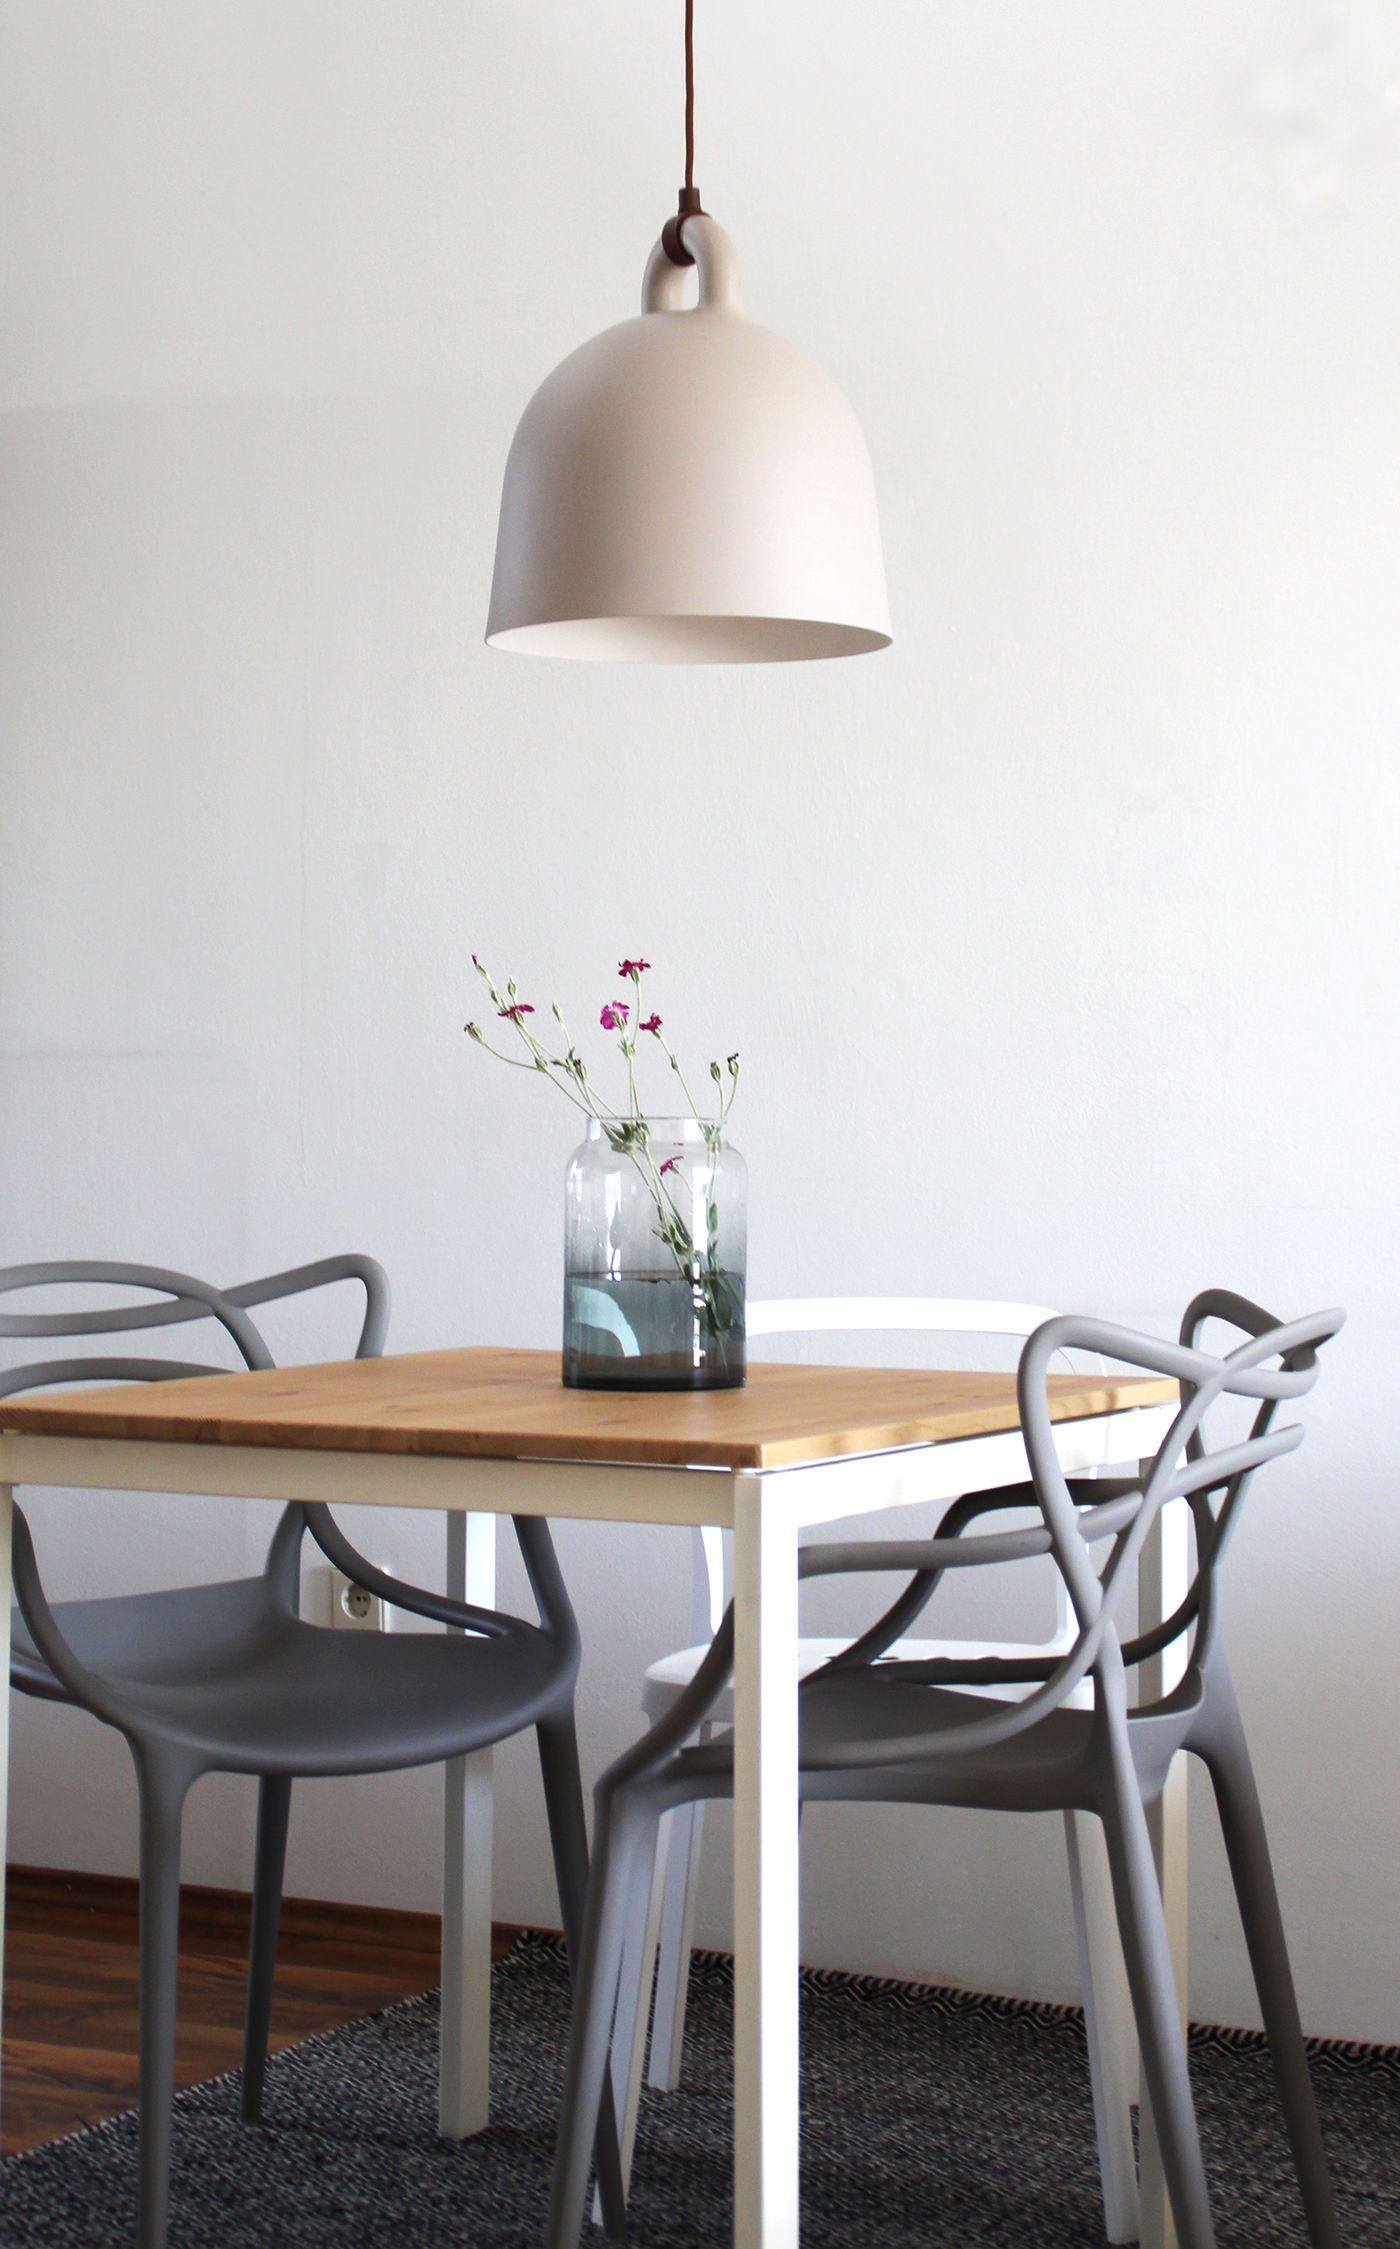 Full Size of Ikea Hack Sitzbank Esszimmer Diynstag 11 Einfache Hacks Im Skandi Stil Solebichde Küche Kosten Betten Bei Kaufen Miniküche Mit Lehne Sofa Schlaffunktion Wohnzimmer Ikea Hack Sitzbank Esszimmer